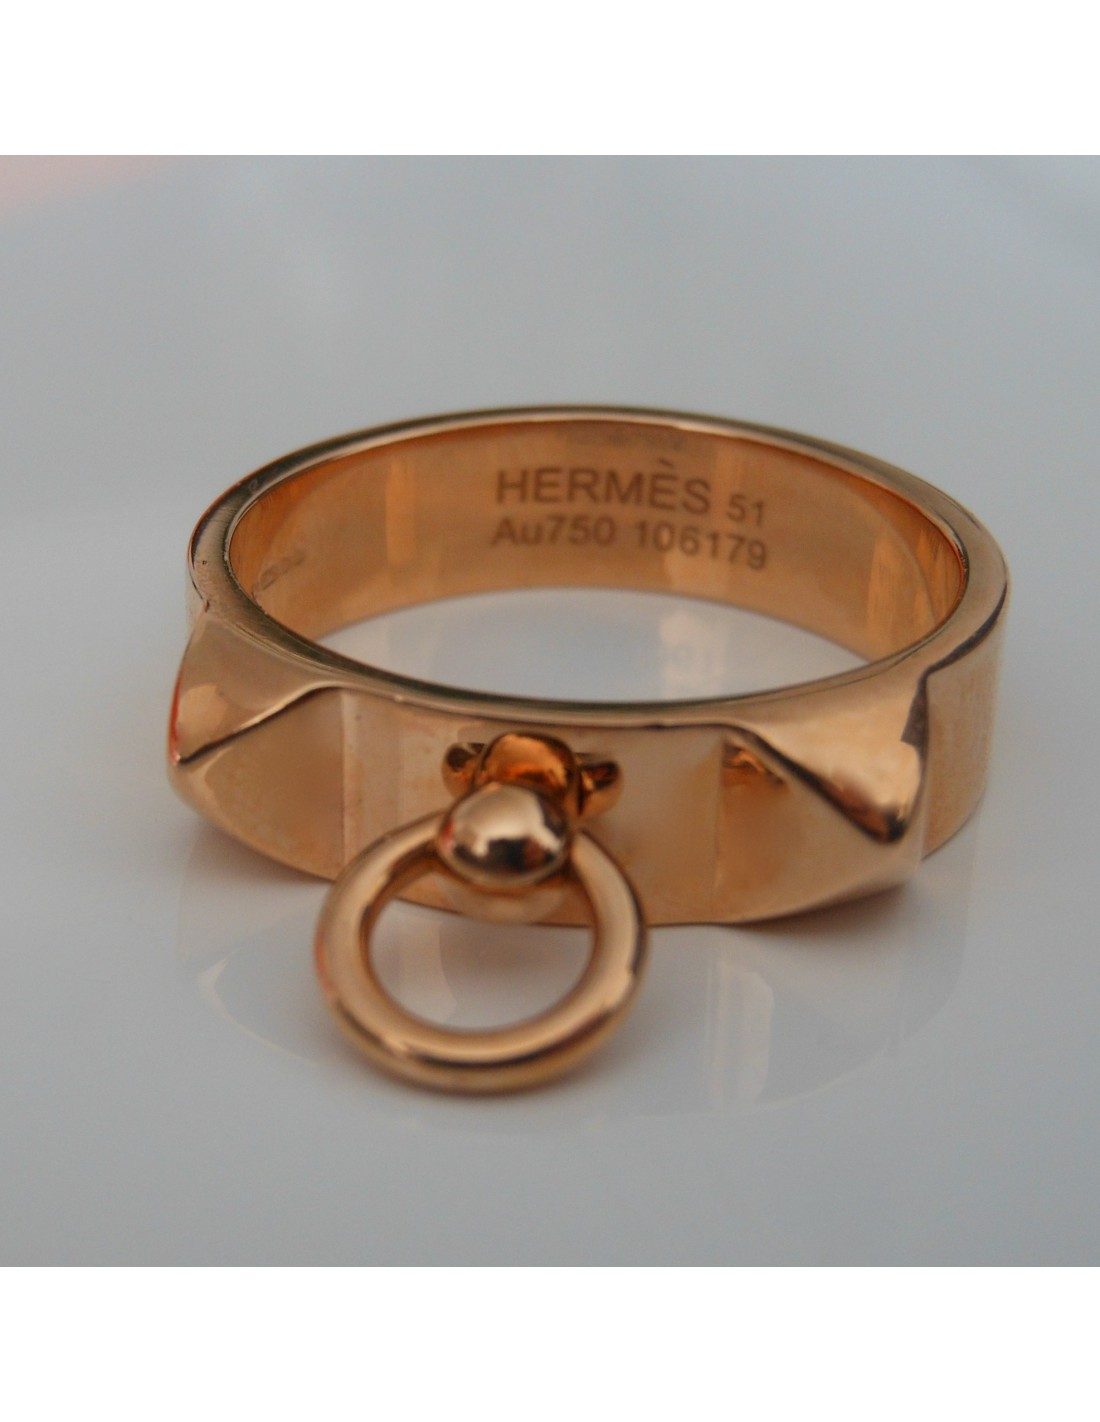 BAGUE HERMES COLLIER DE CHIEN OR ROSE - Atoutluxe Boutique f3b87c60164